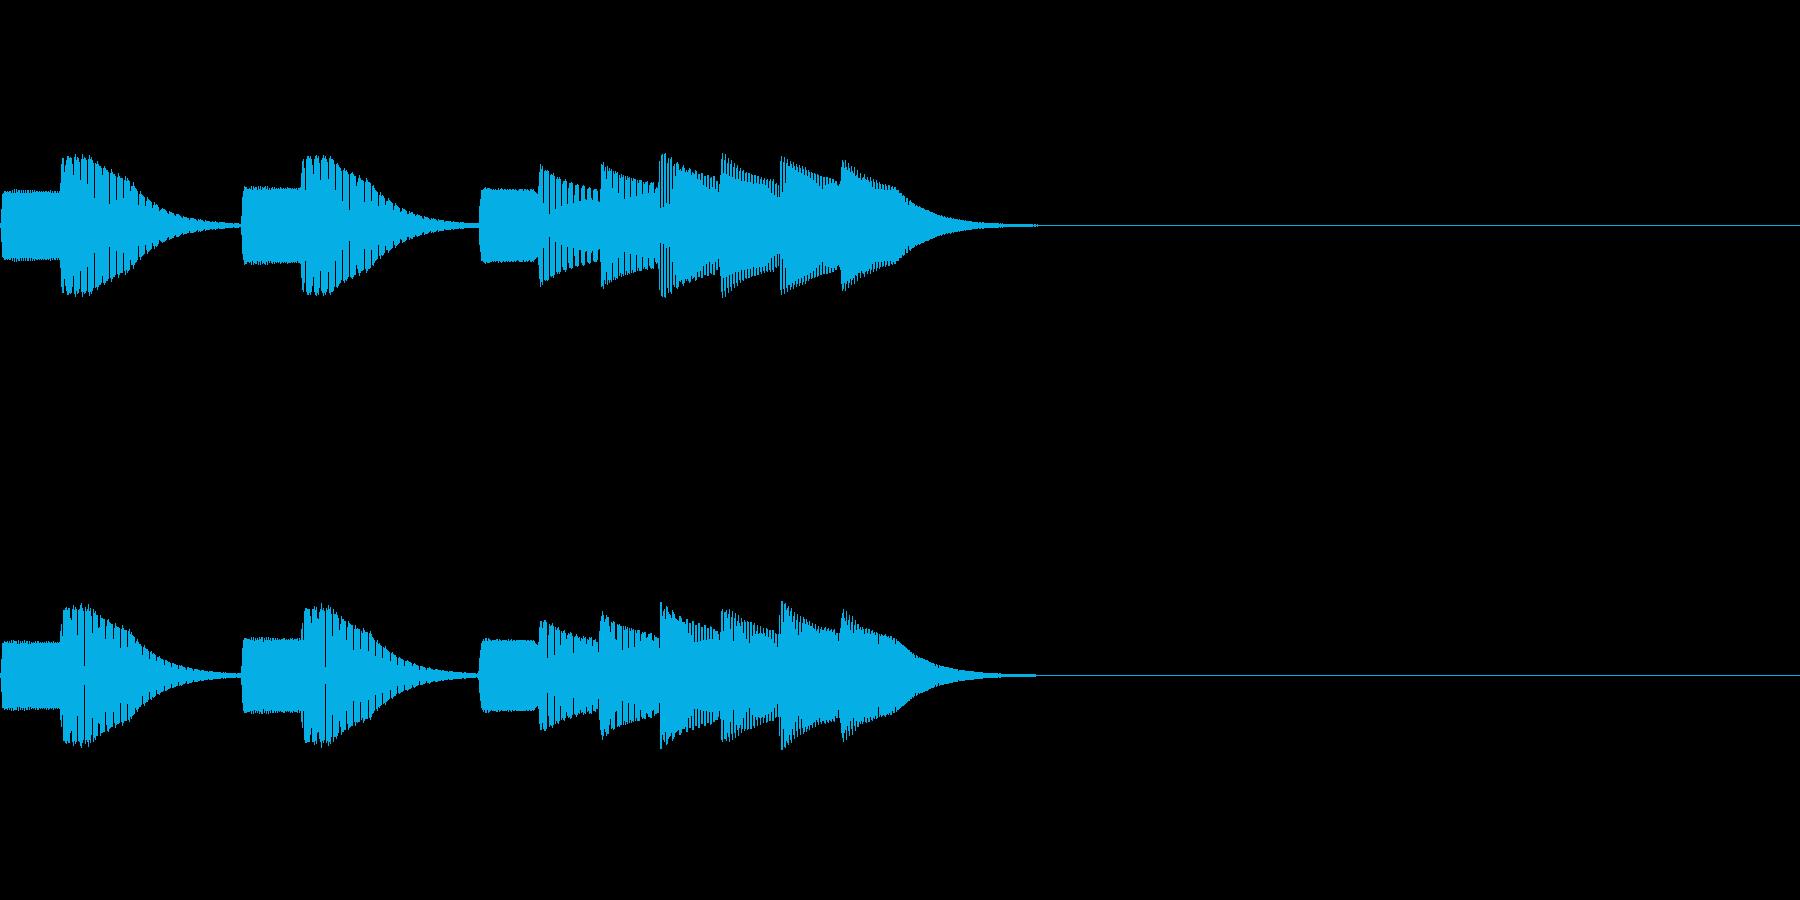 ゲーム_ポーズボタンを押すの再生済みの波形